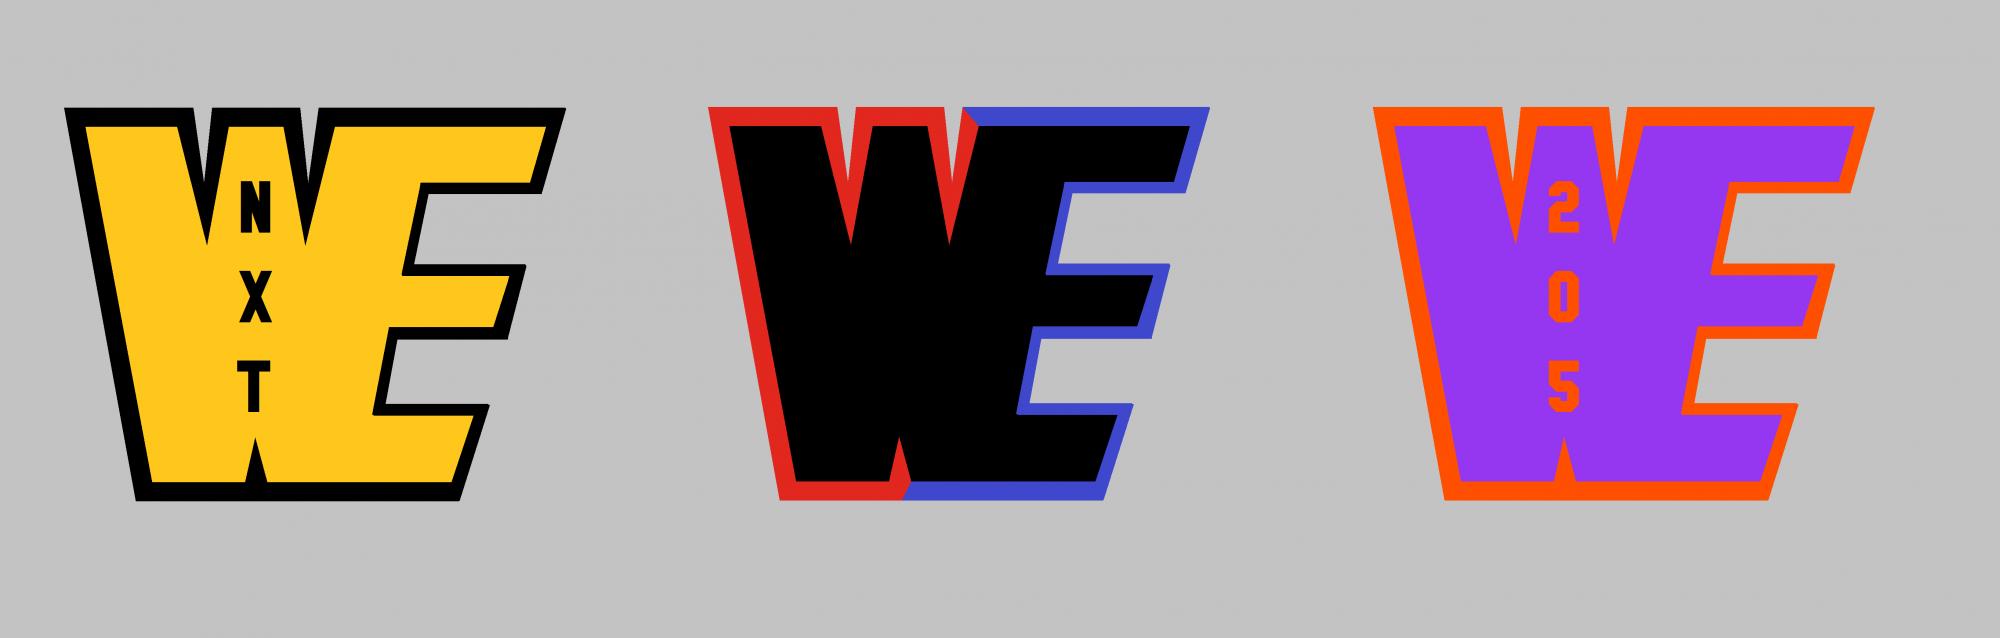 WWE Logo concept - Concepts - Chris Creamer's Sports Logos